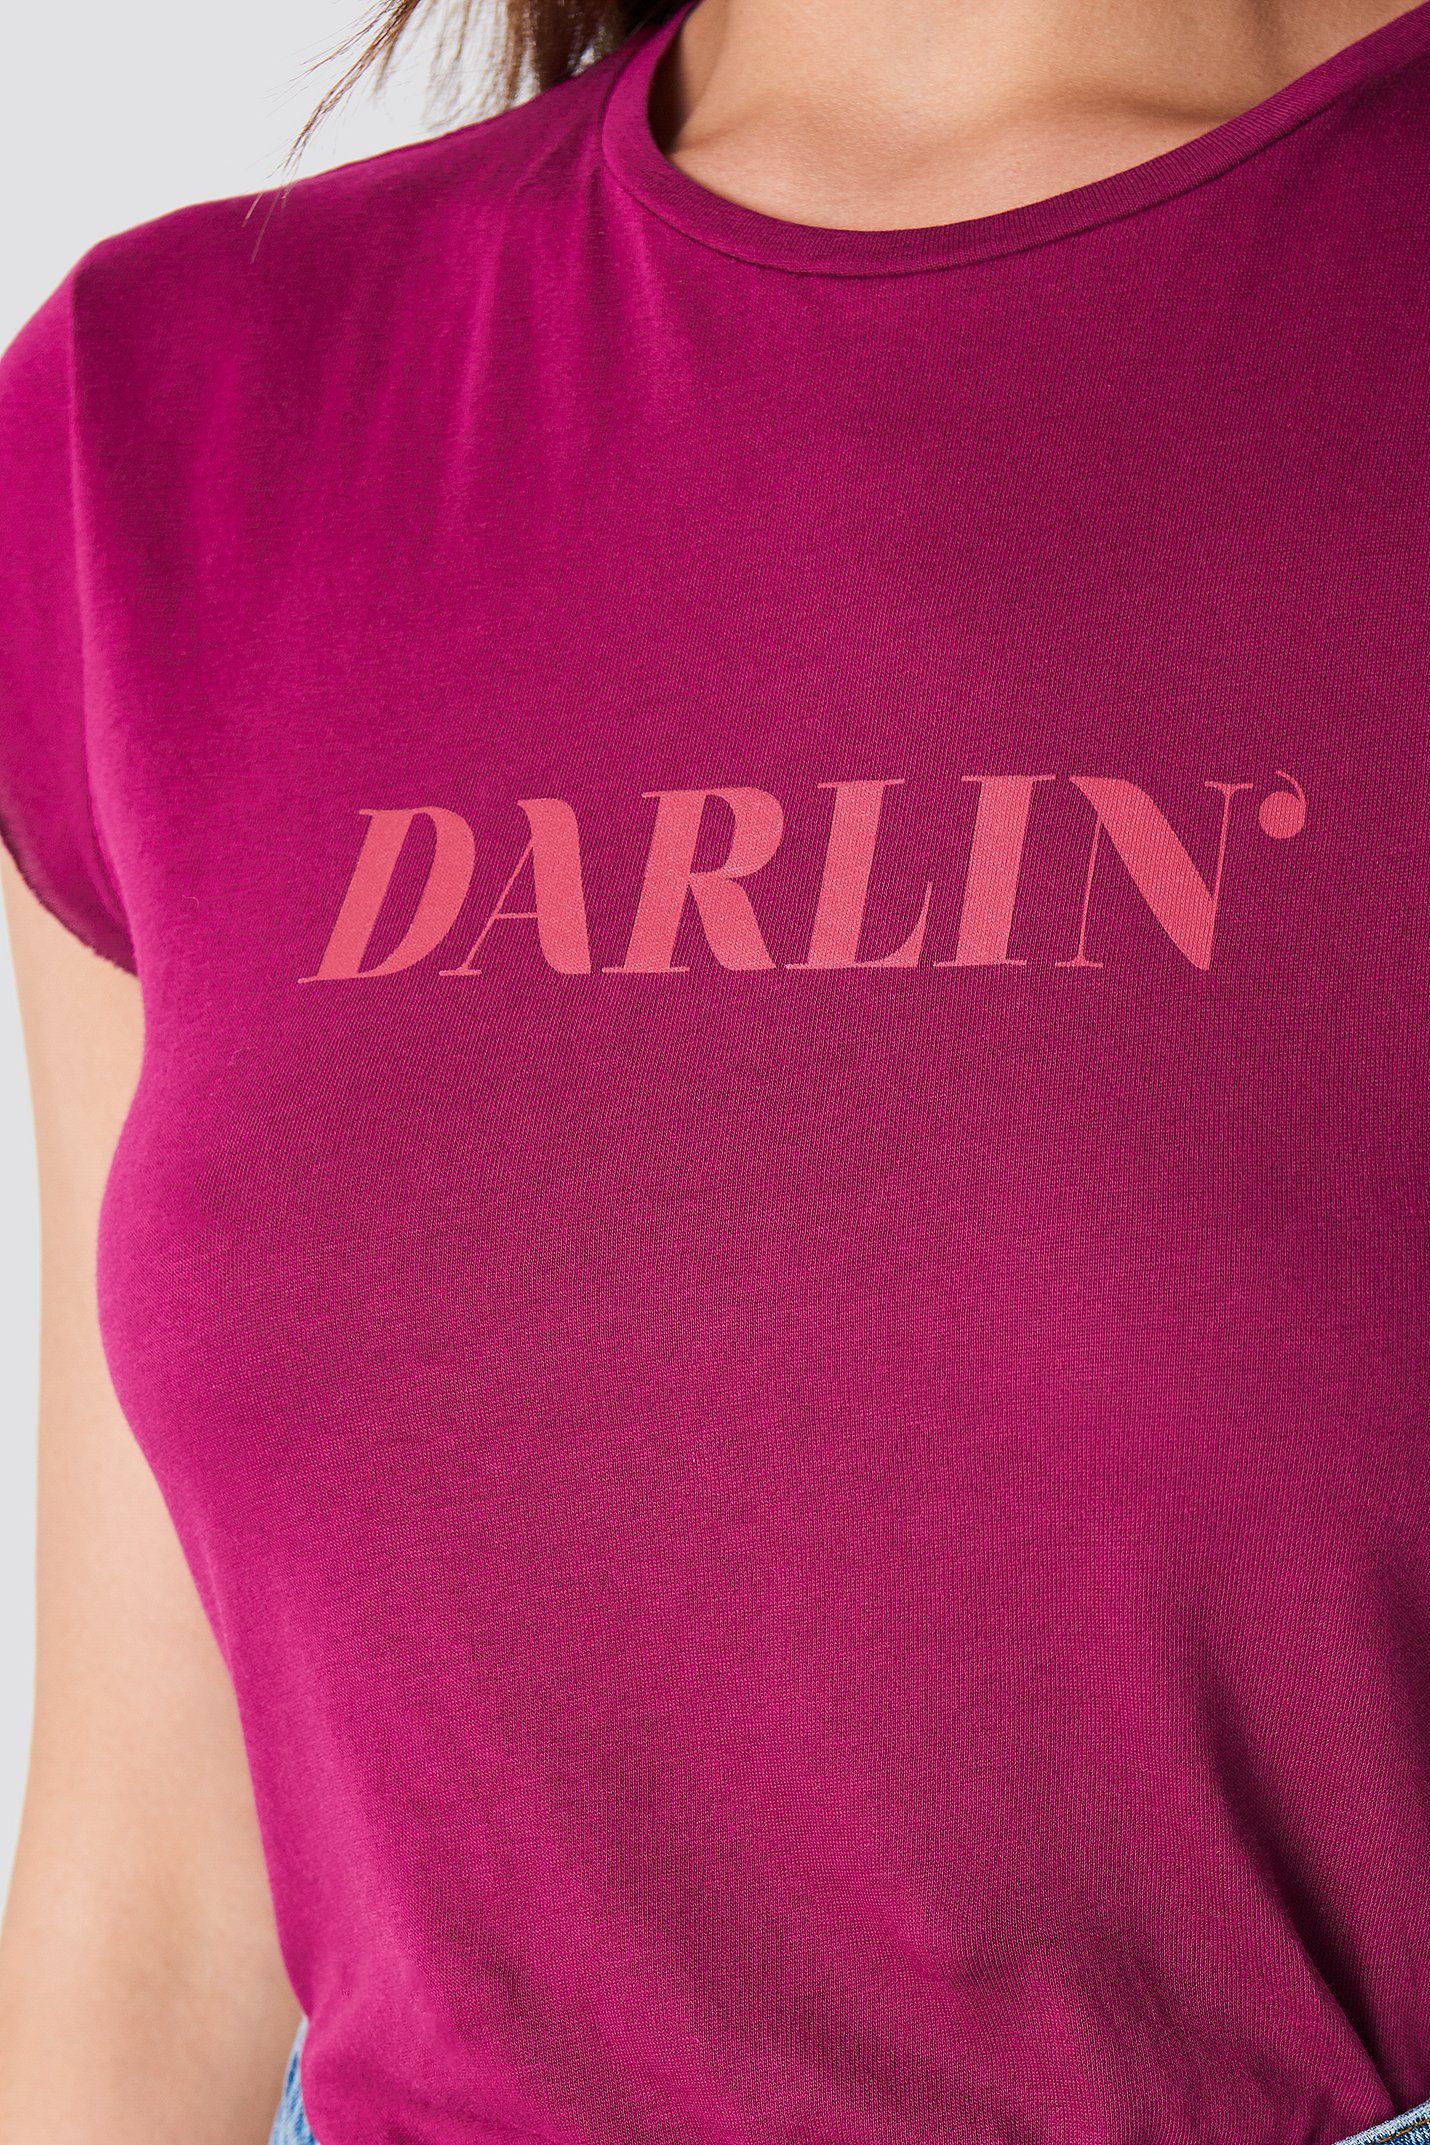 Darlin' Tee NA-KD.COM